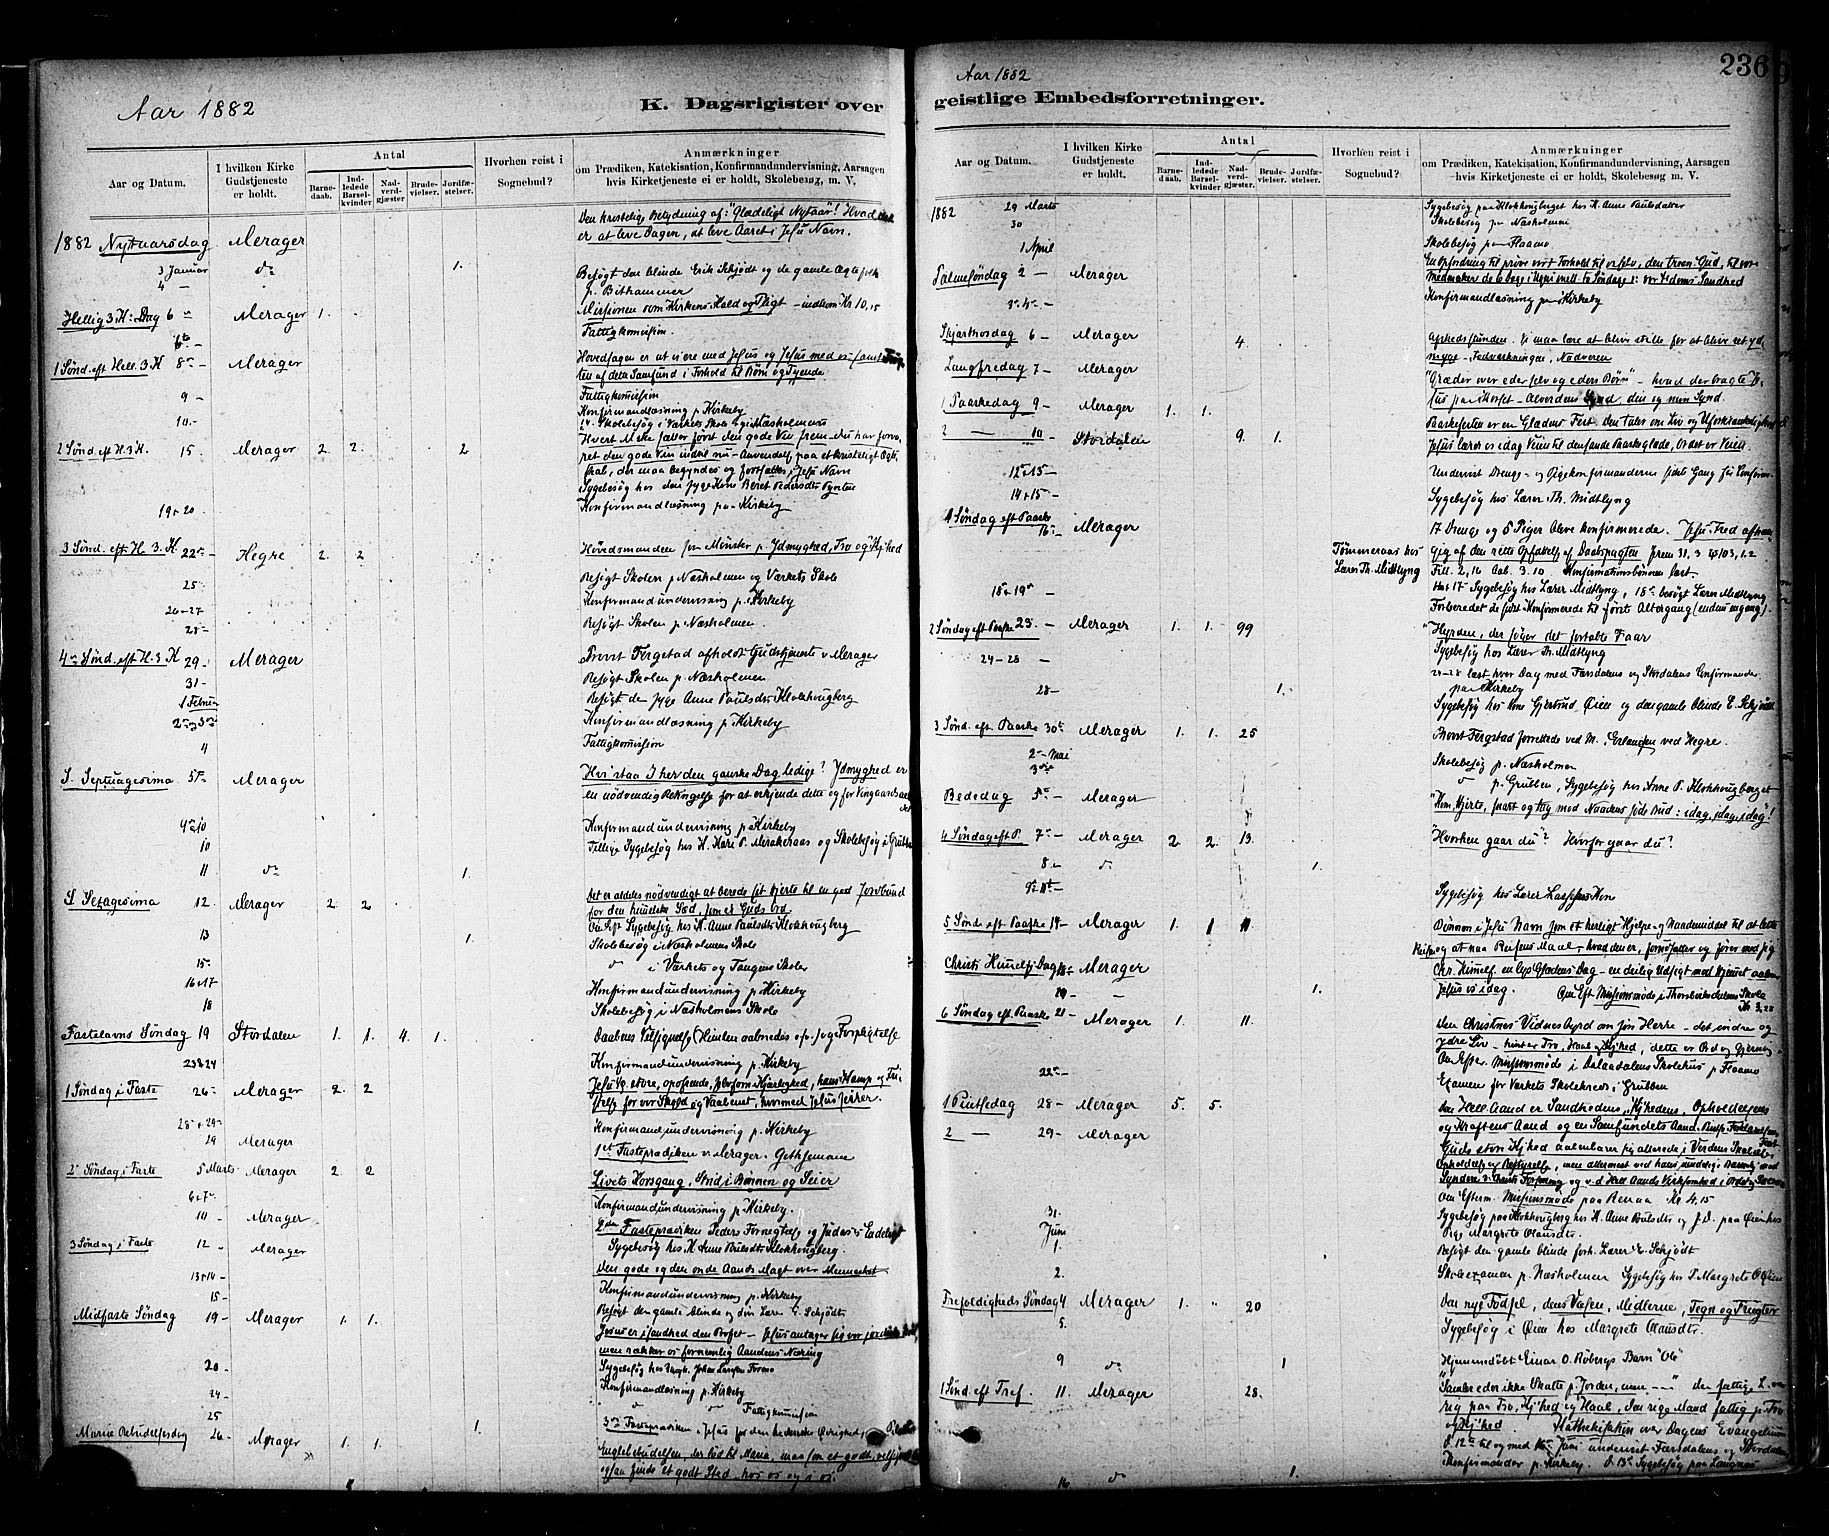 SAT, Ministerialprotokoller, klokkerbøker og fødselsregistre - Nord-Trøndelag, 706/L0047: Ministerialbok nr. 706A03, 1878-1892, s. 236